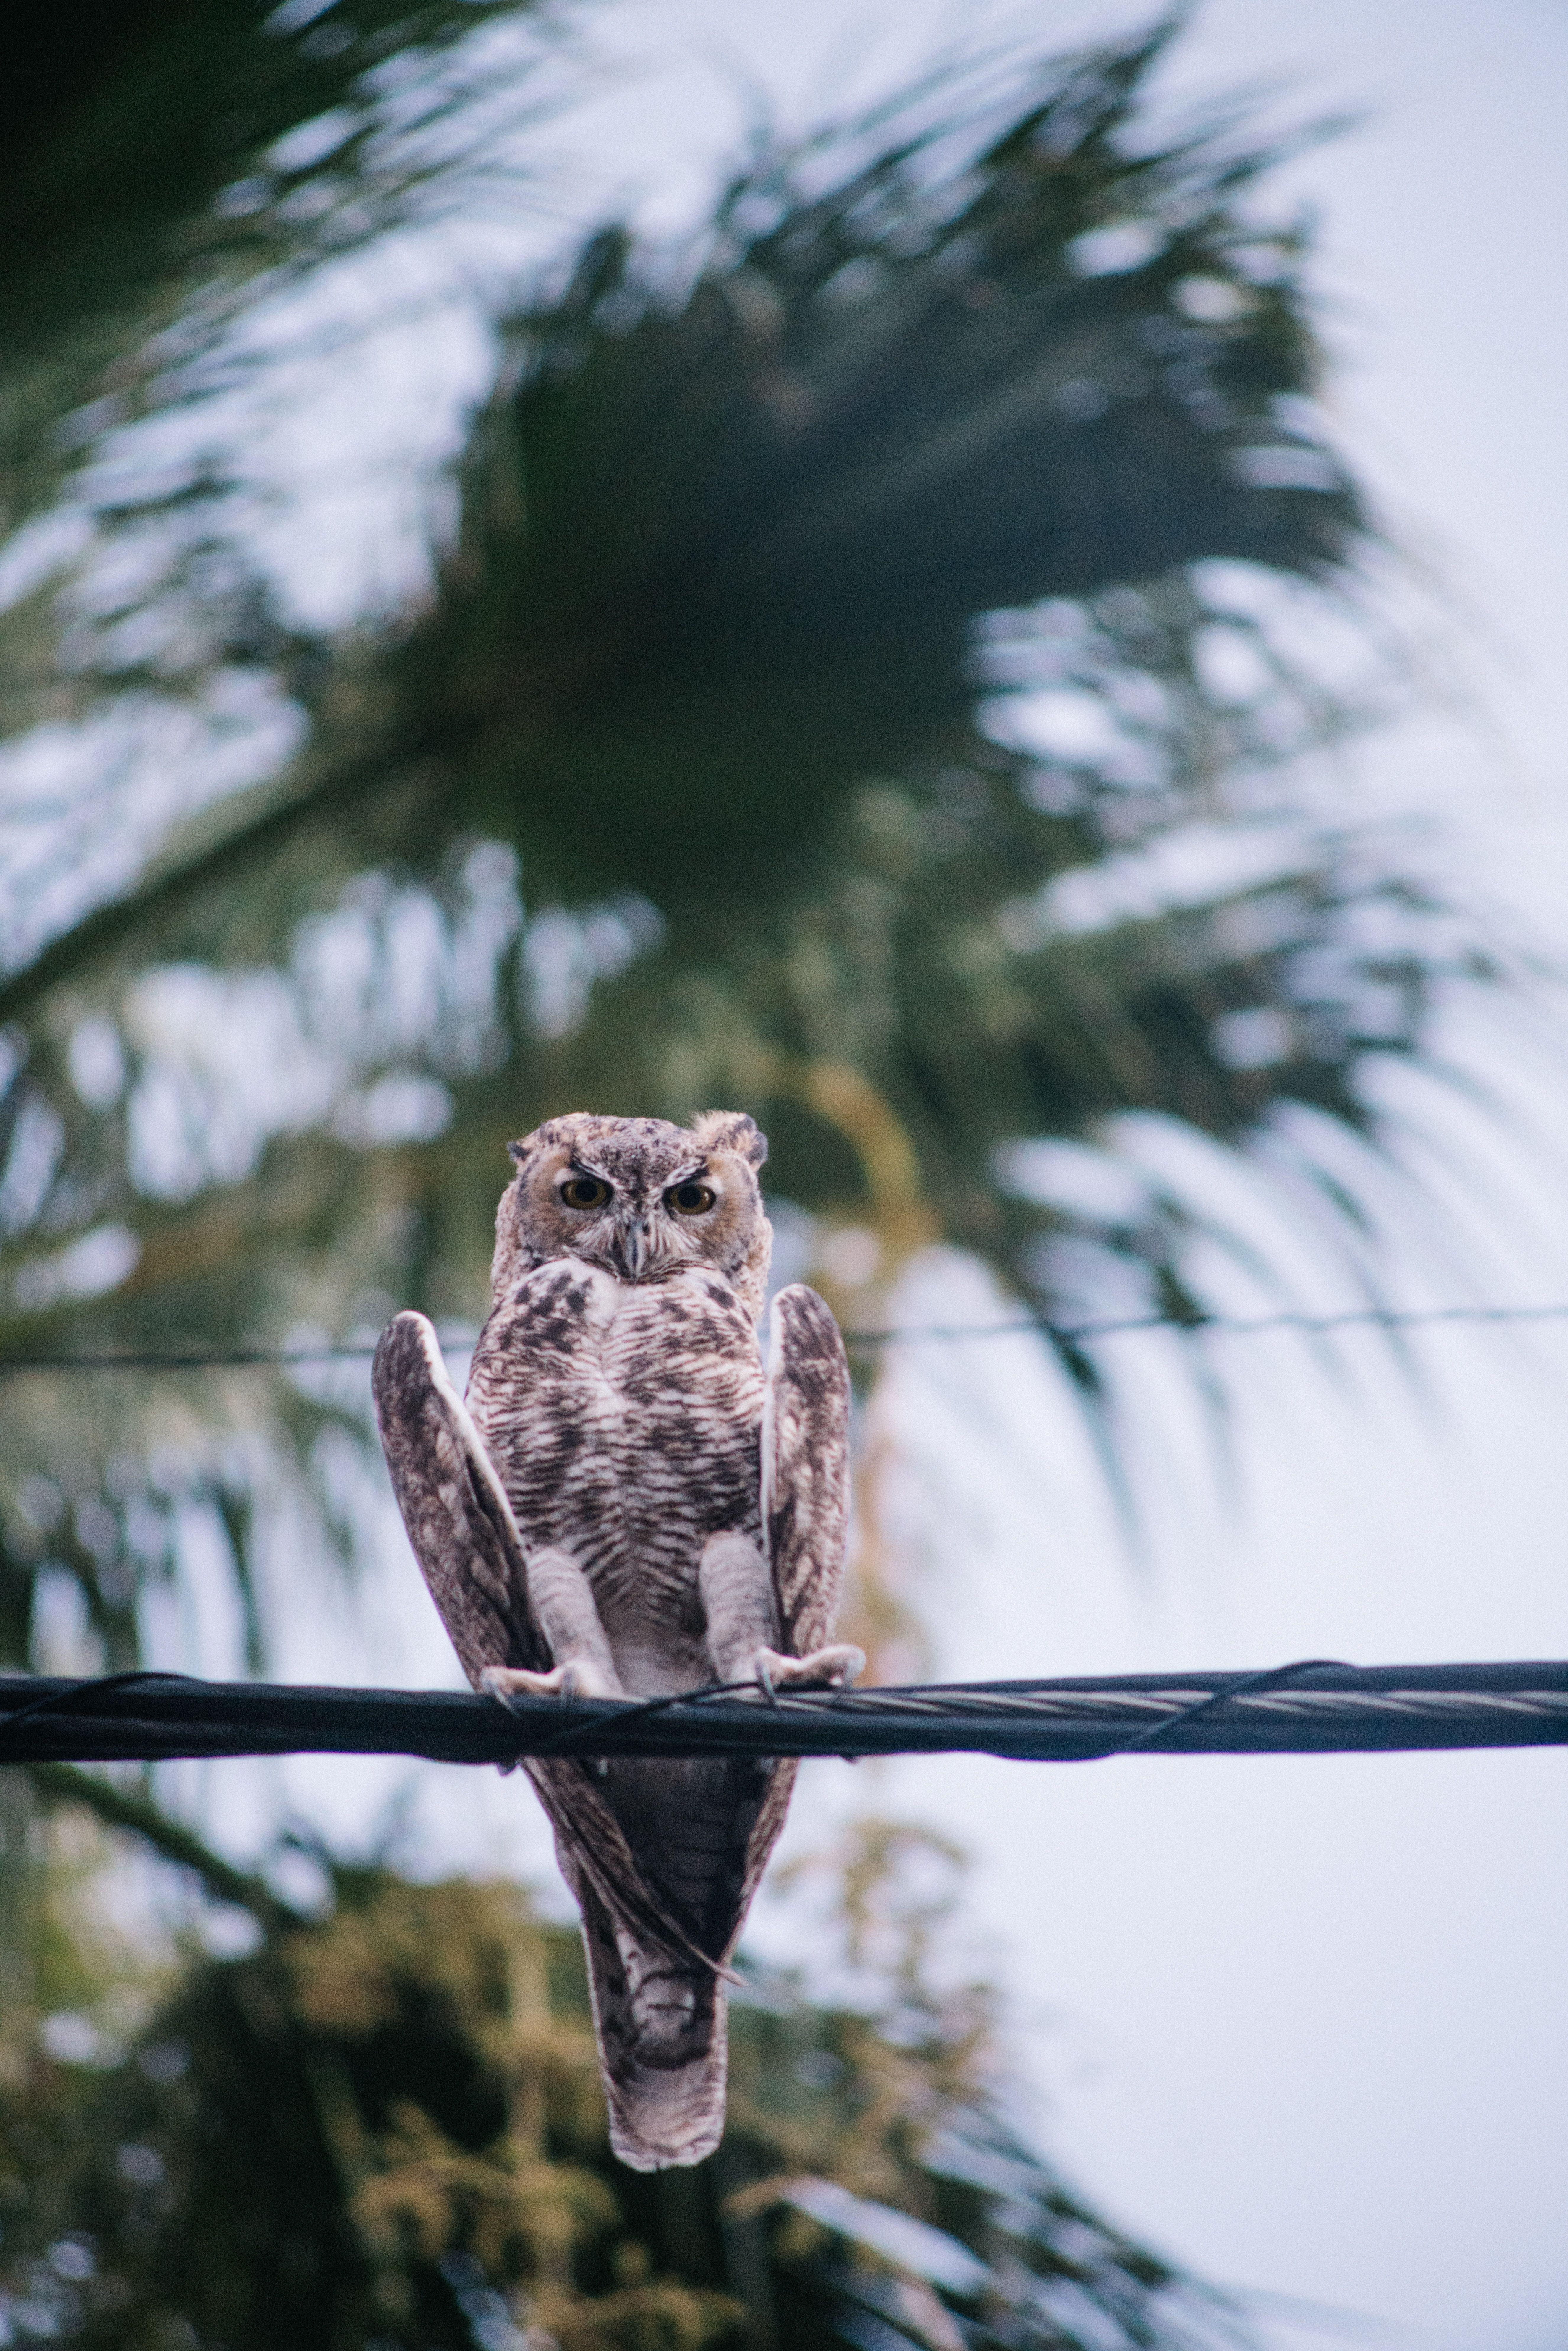 Wallpapers eye, pierrot, eastern screech owl, beak, music